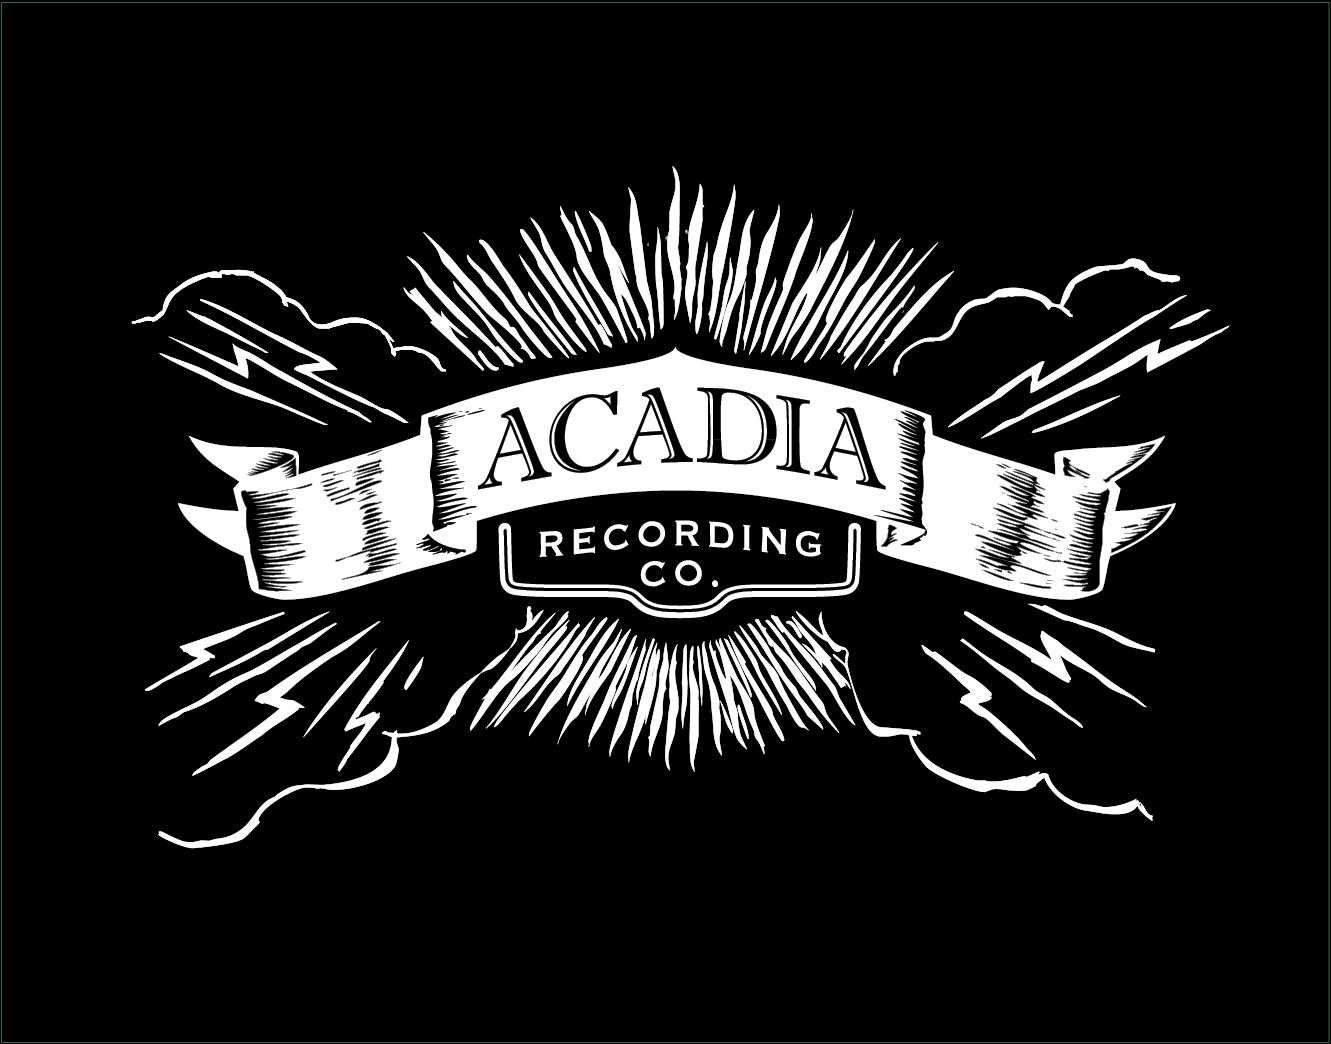 Acadia Recording Company